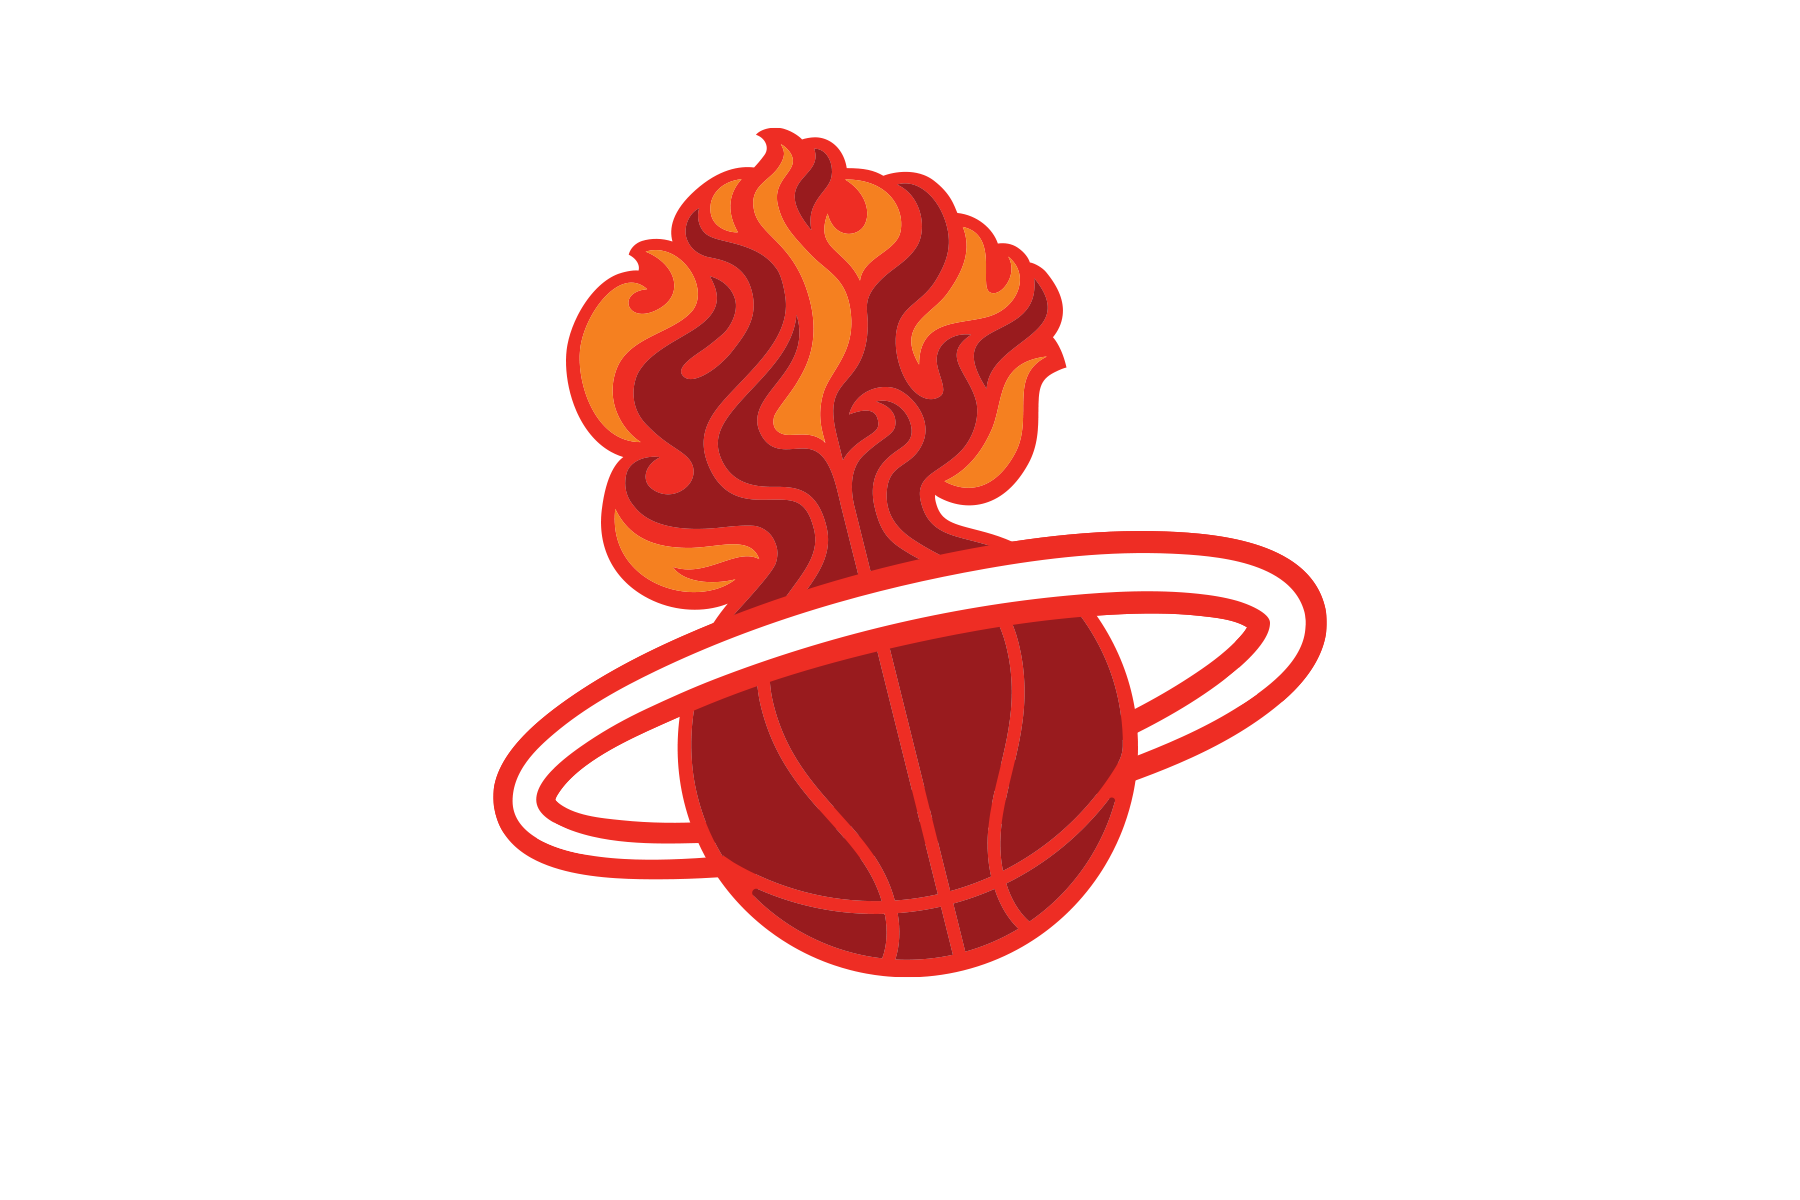 1800x1200 Michael Weinstein Nba Logo Redesigns Miami Heat